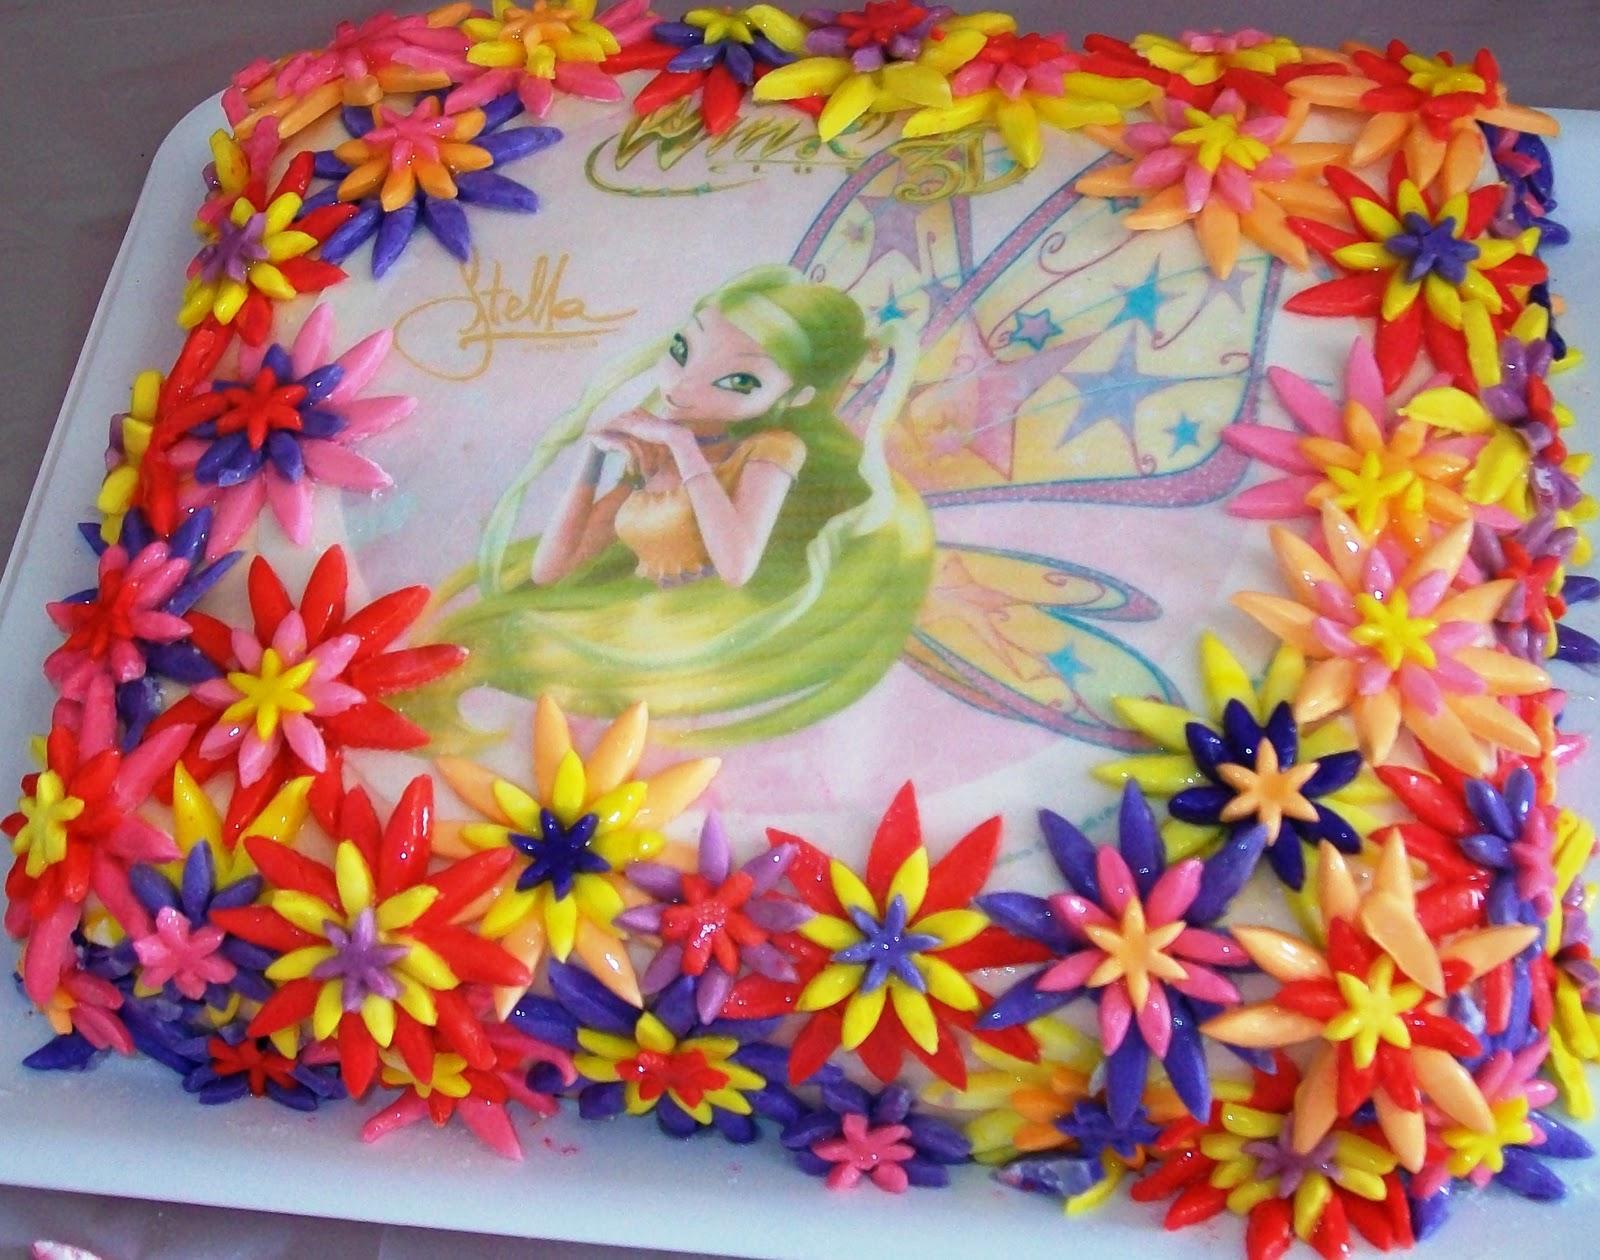 Dolci Idee E Non Solo Due Torte Per Un Solo Compleanno